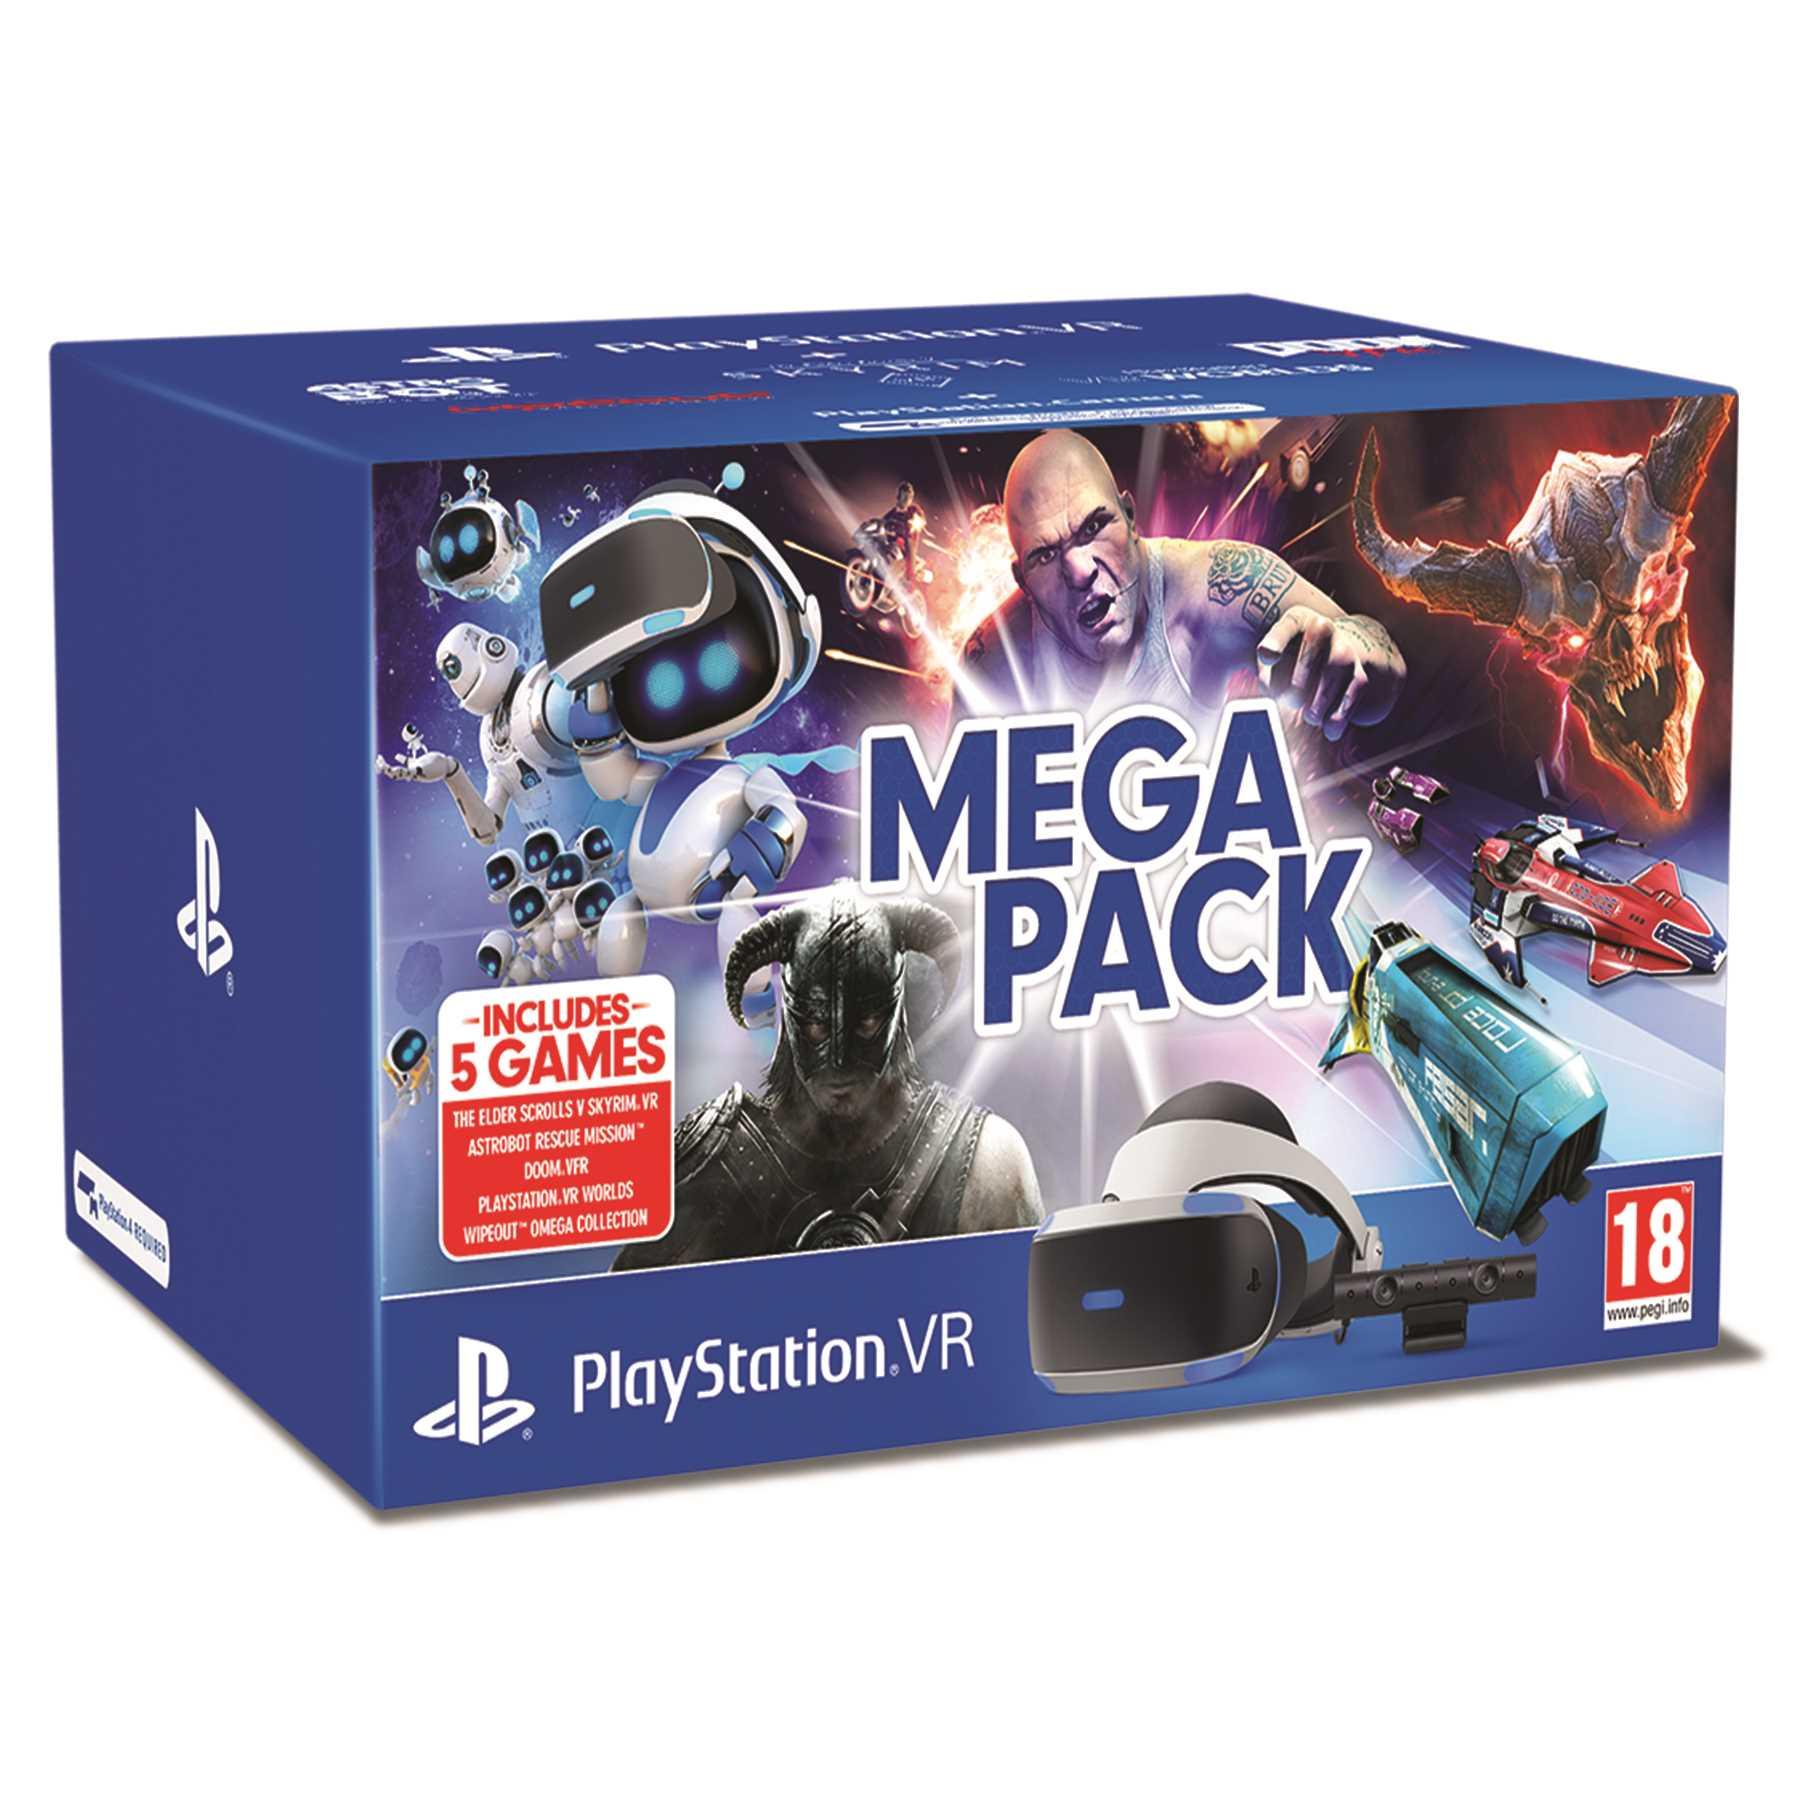 משקפי מציאות מדומה Sony PlayStation VR Mega Pack סוני - תמונה 1